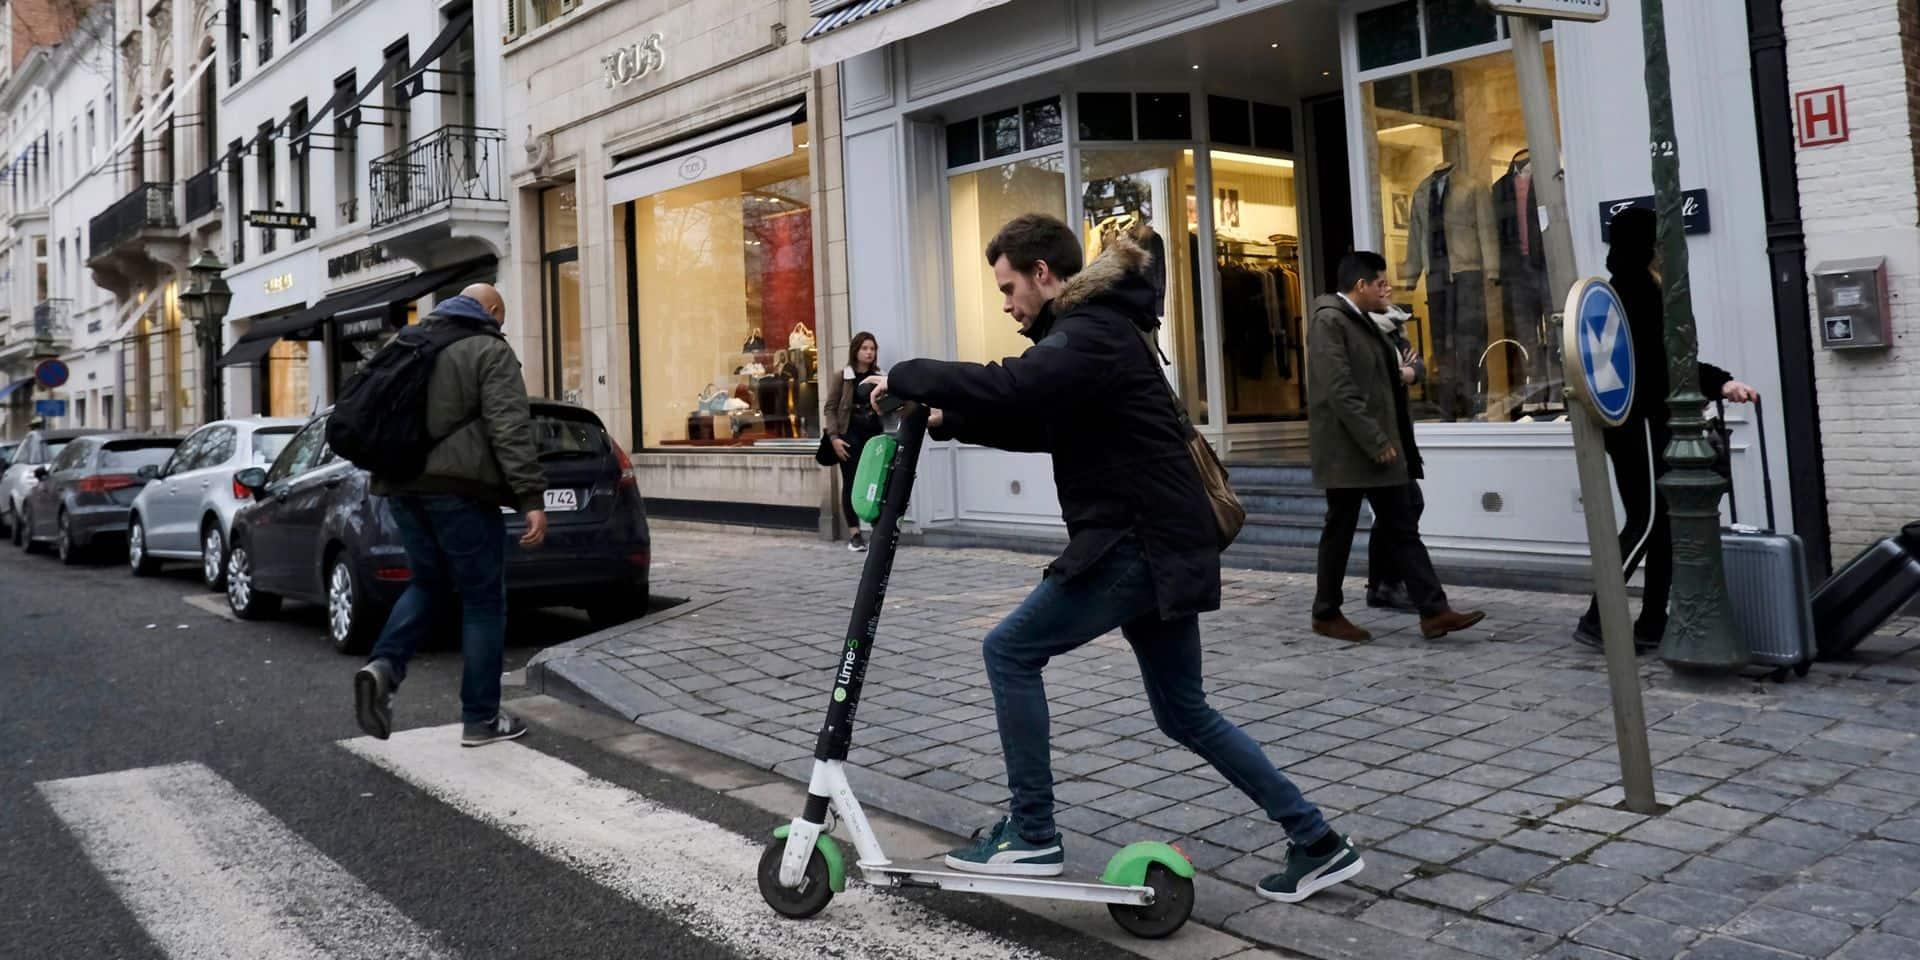 La trottinette électrique partagée pollue plus que les modes de transport qu'elle remplace